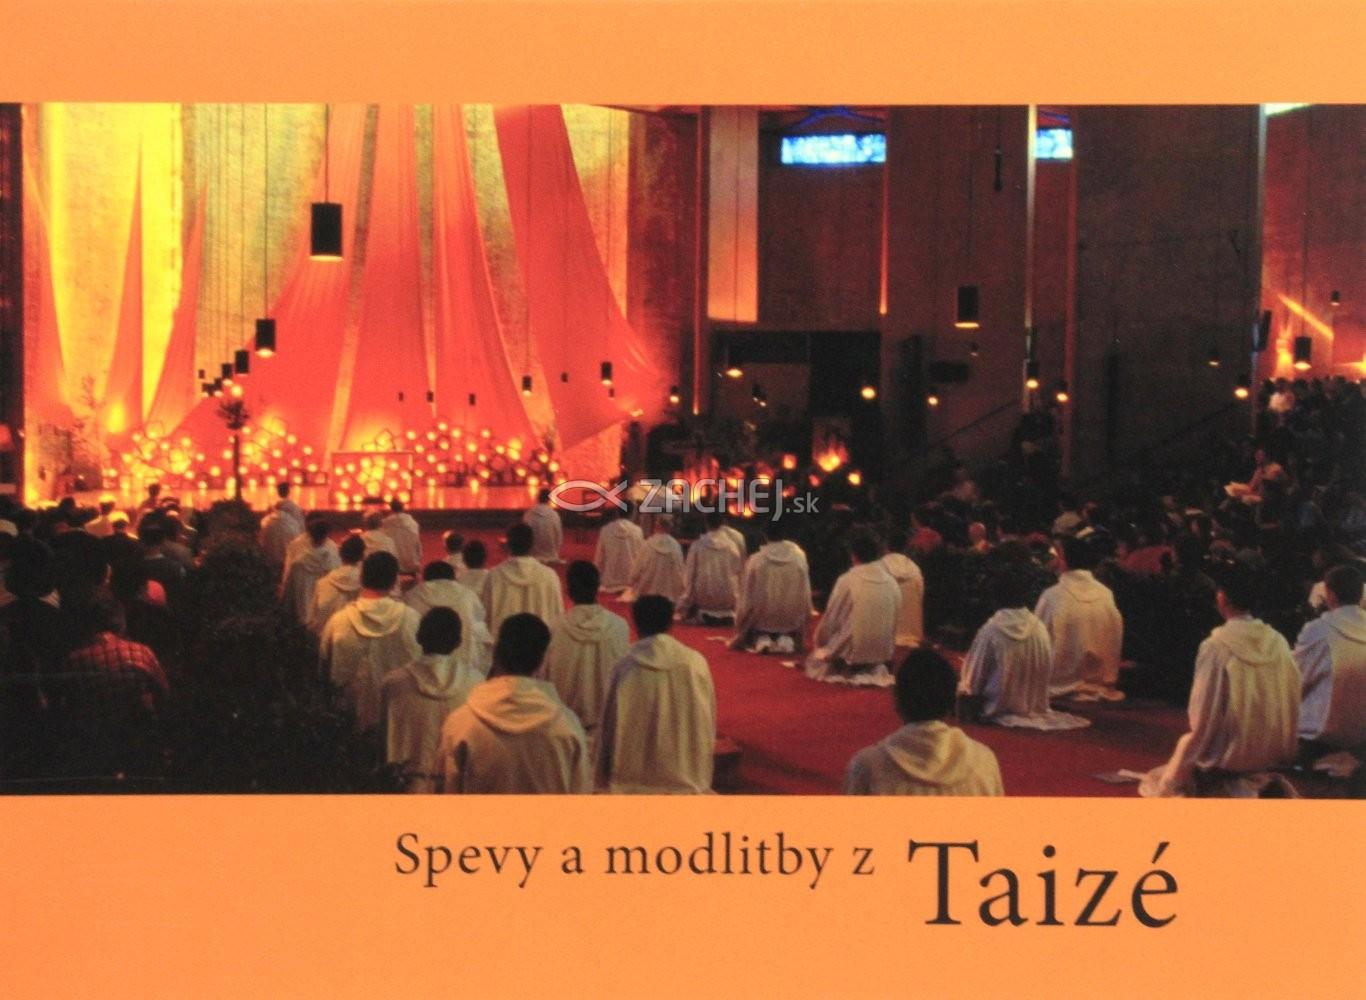 Spevy a modlitby z Taizé - Spevník